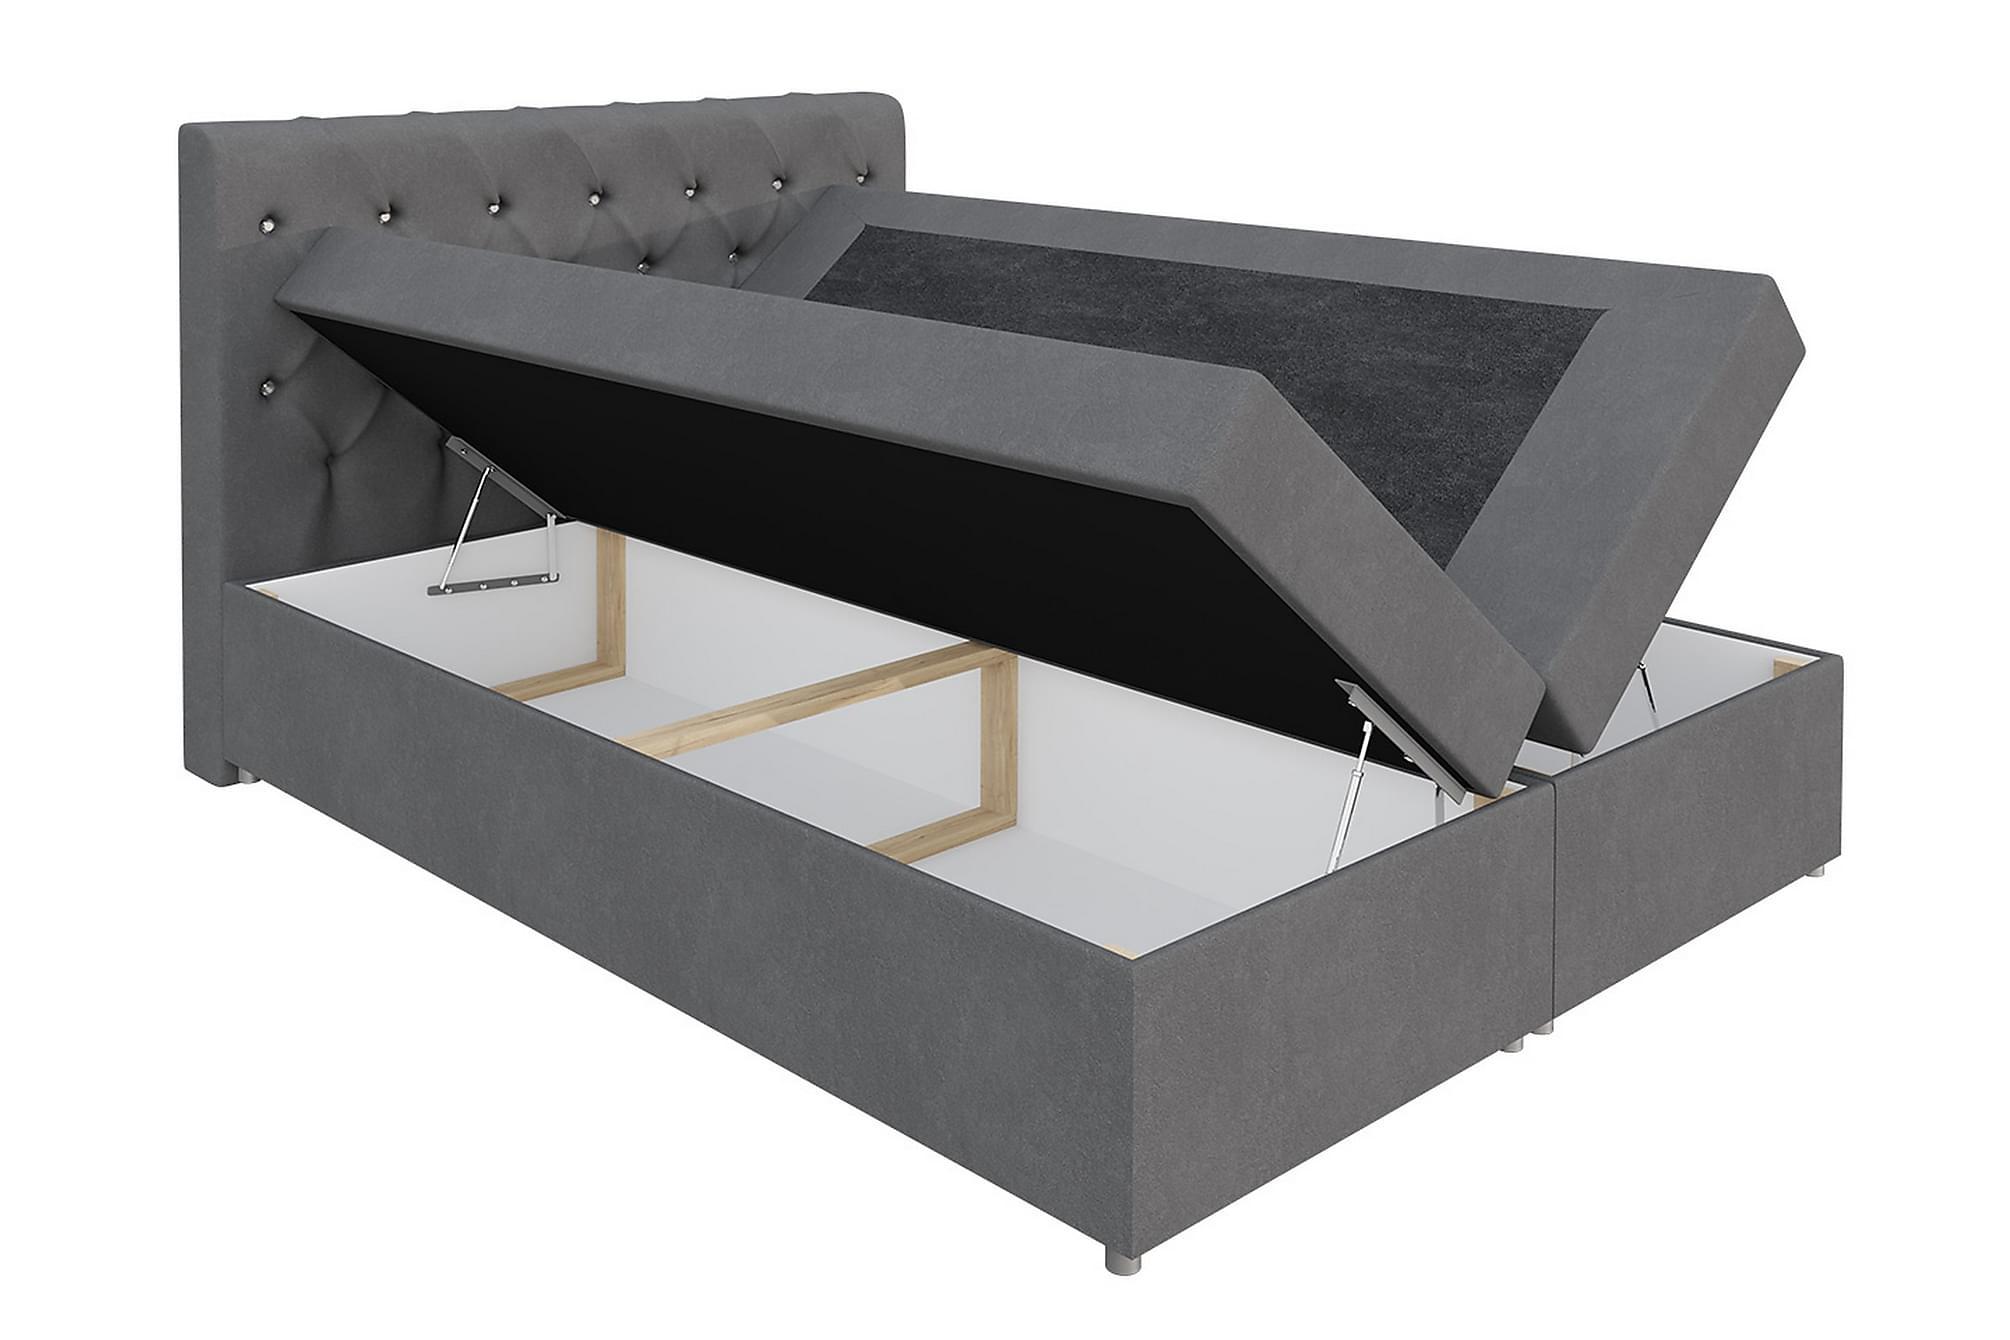 DANNI Sängpaket 120x200 cm Beige, Sängar